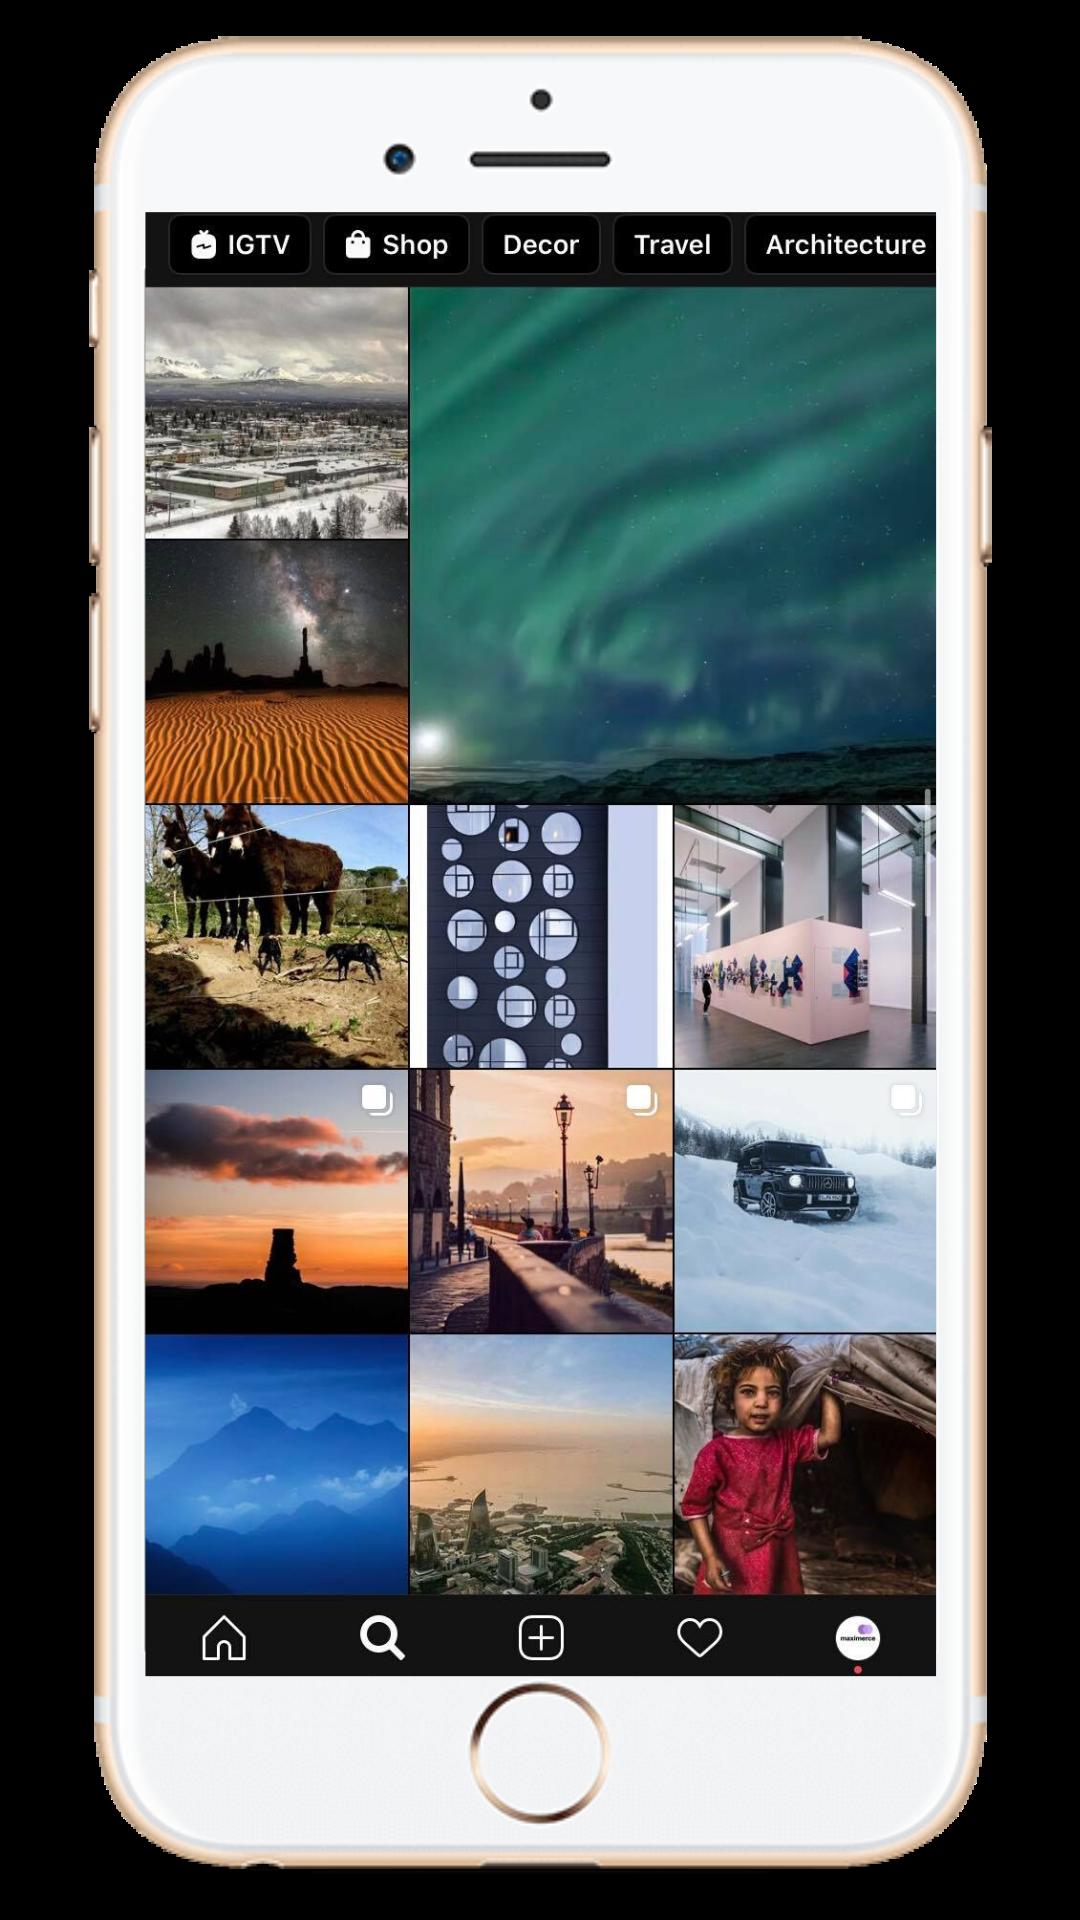 iPhone IG